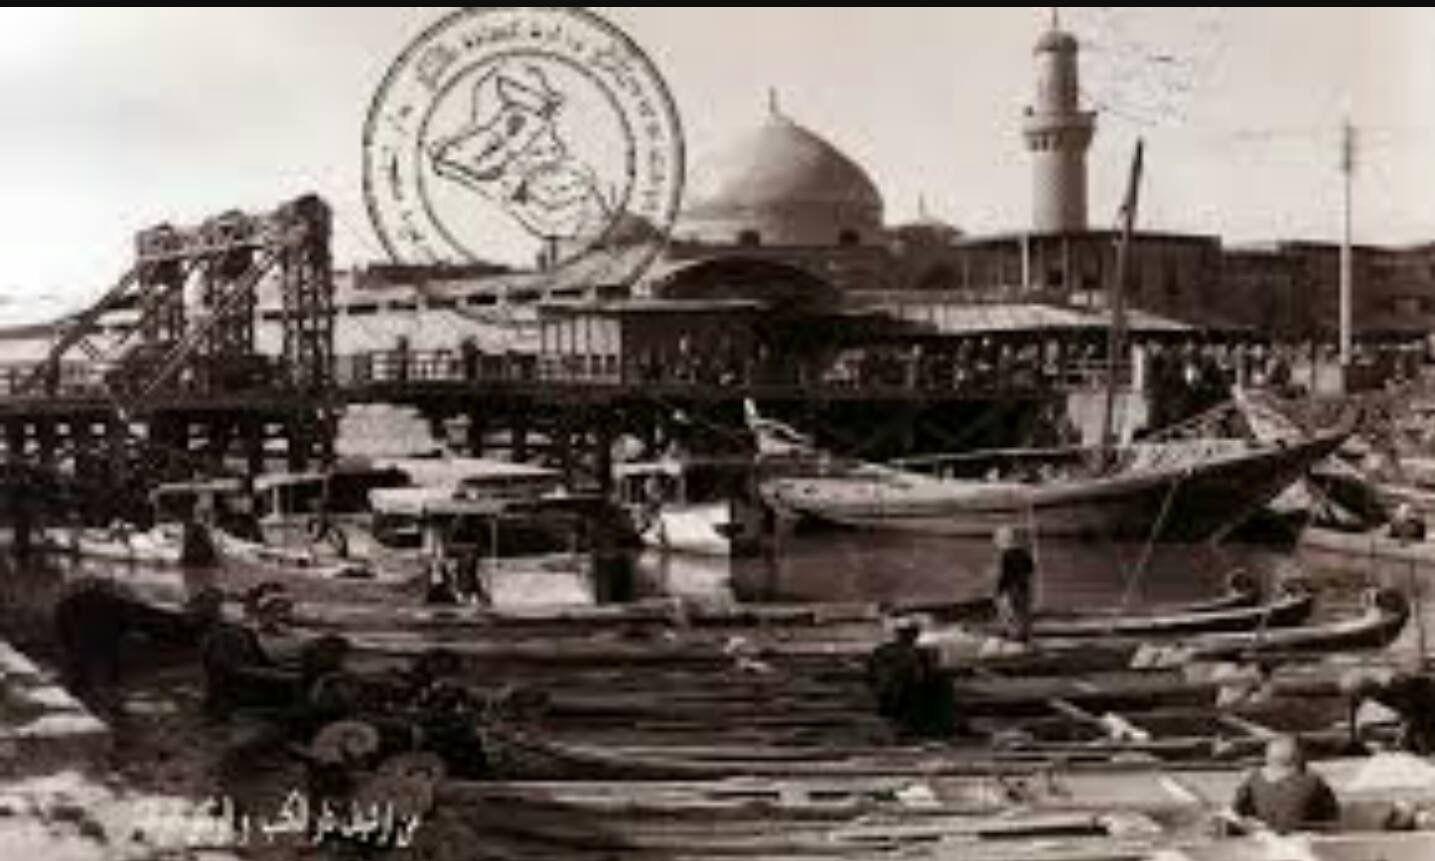 البصرة العشار صورة قديمة من ارشيف دار الكتب والوثائق Photo History Fair Grounds